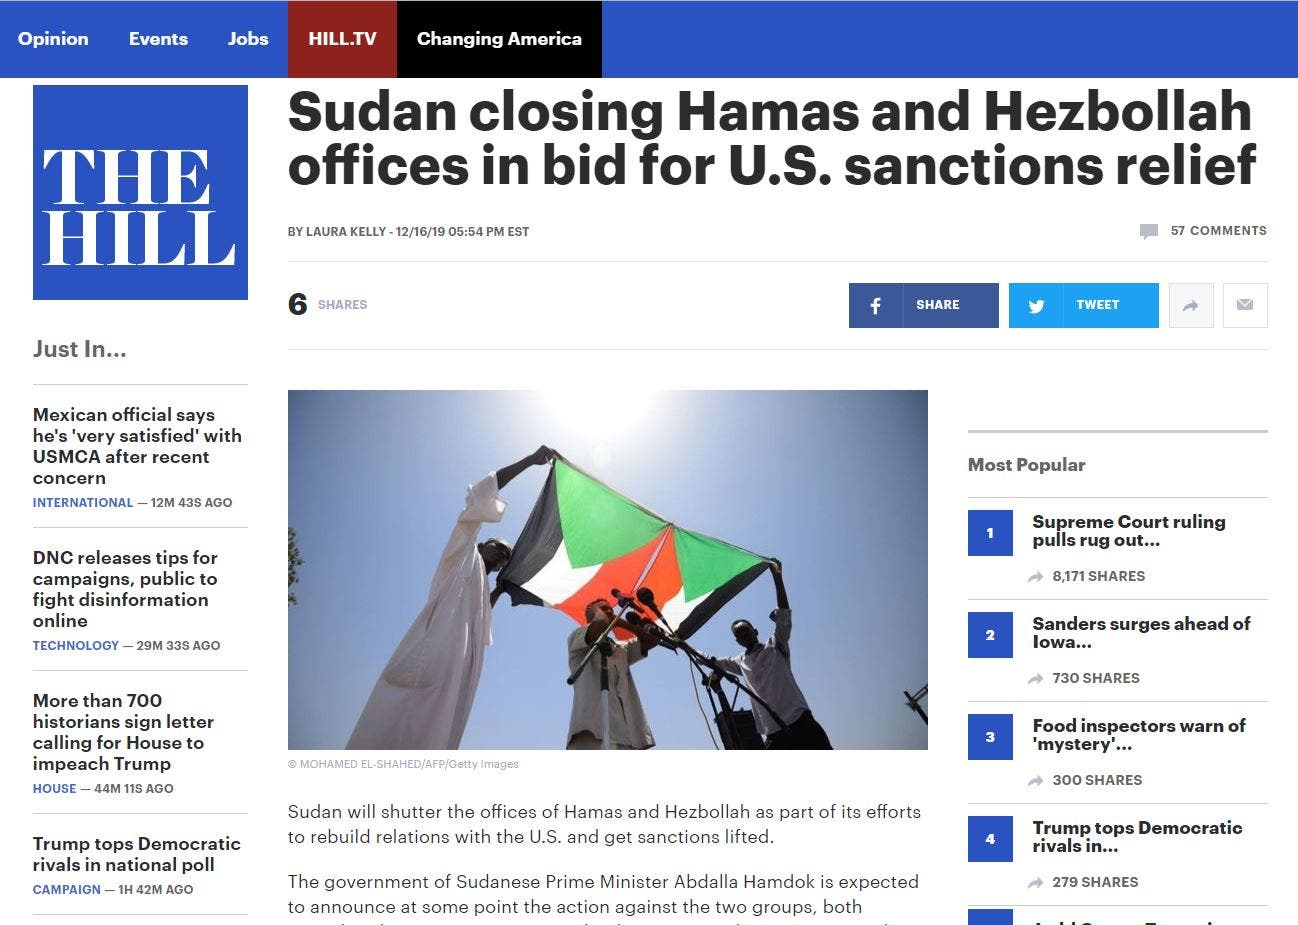 إجراء سودانى للخروج من قوائم الارهاب.. إغلاق مكاتب حزب الله وحماس